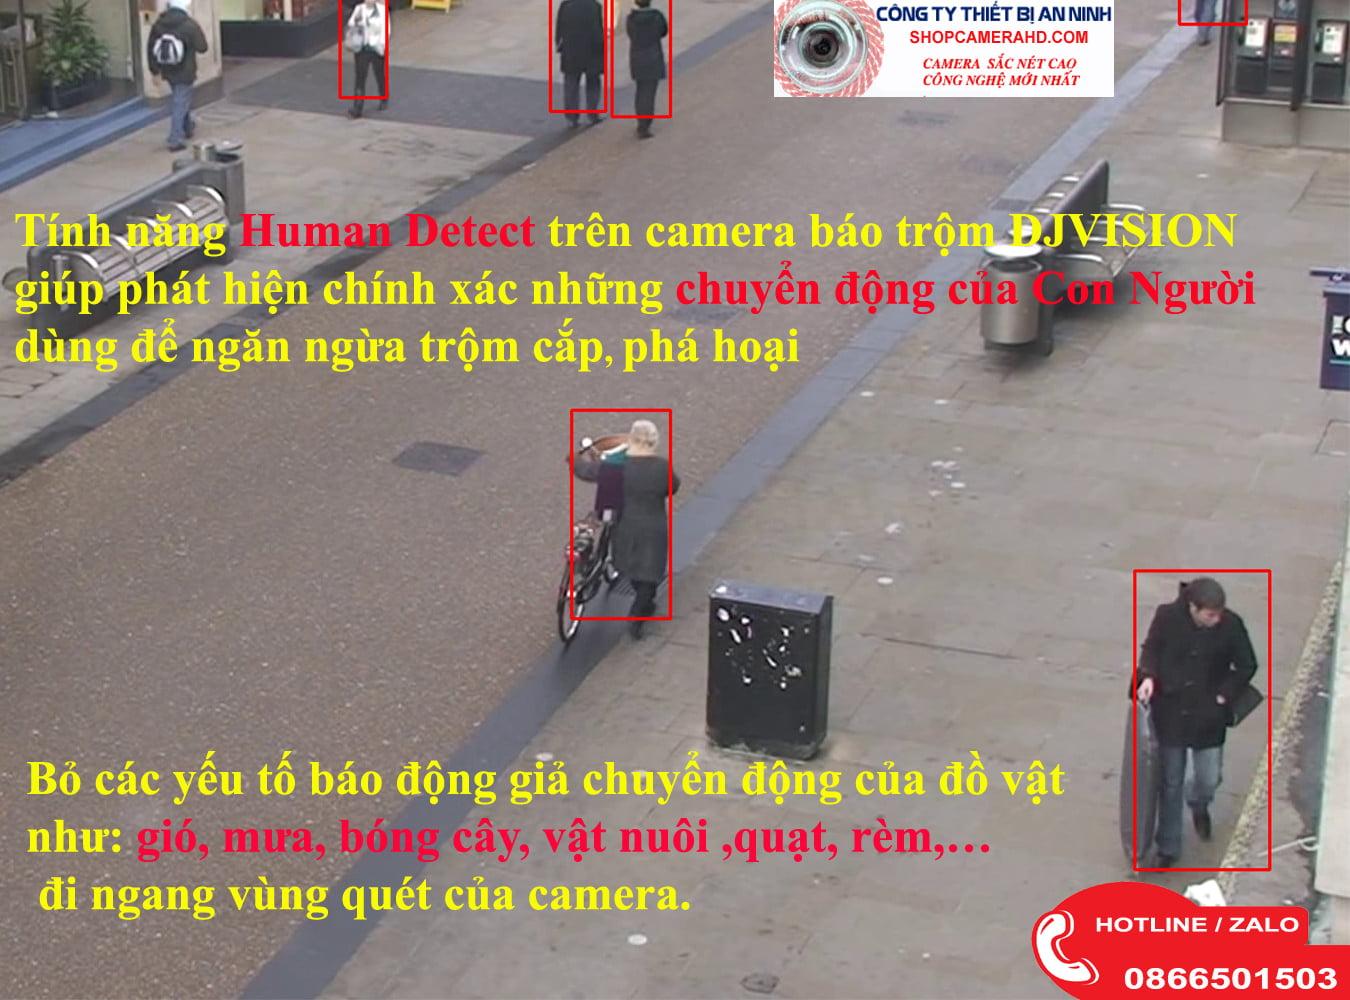 Human Detect phát hiện chuyển động con người; Human Detect; phát hiện chuyển động; chuyển động thông minh;